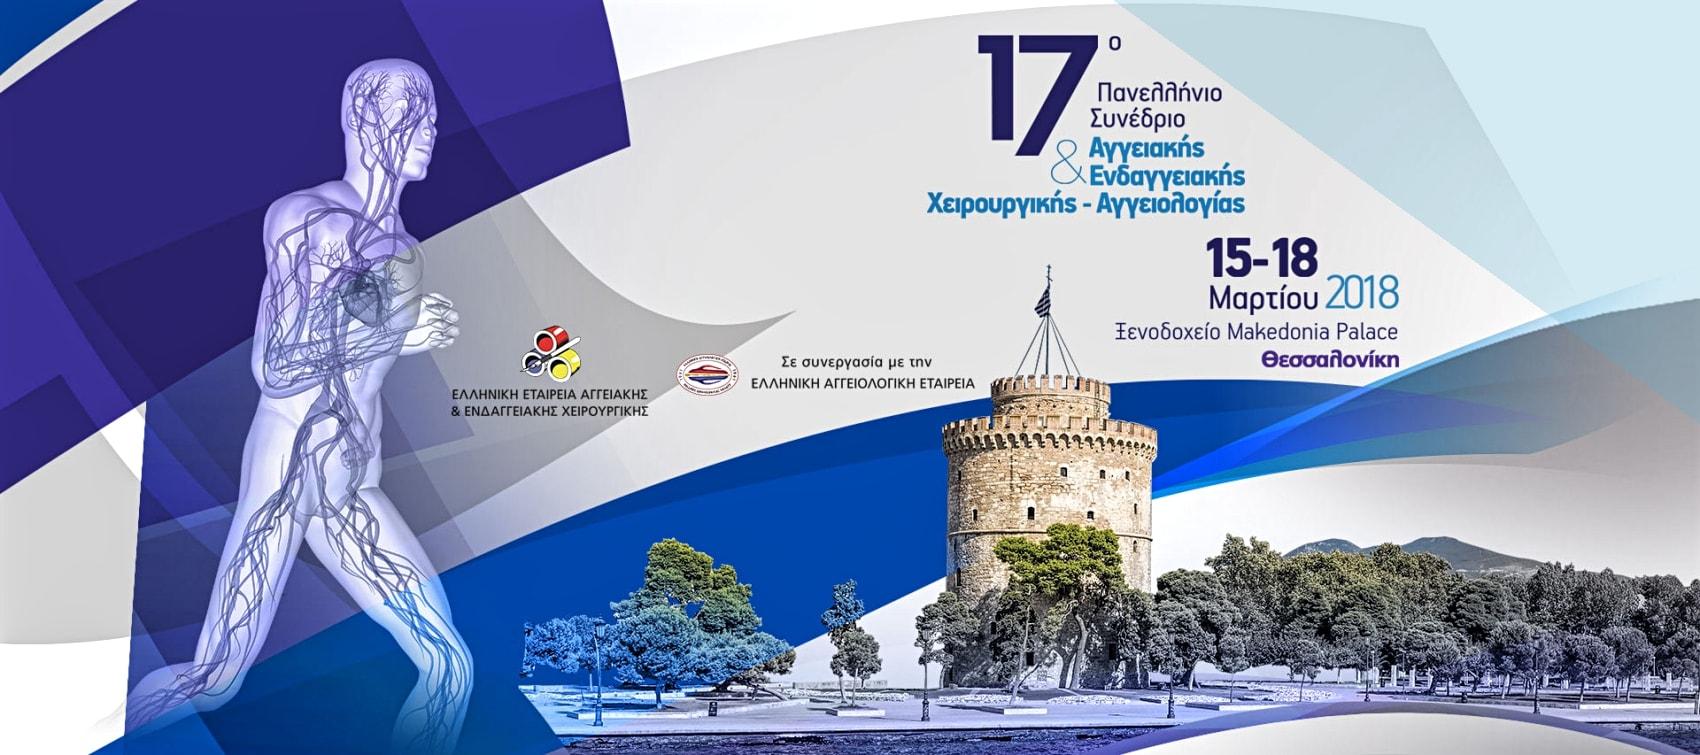 17ο Πανελλήνιο Συνέδριο Αγγειοχειρουργικής και Αγγειολογίας